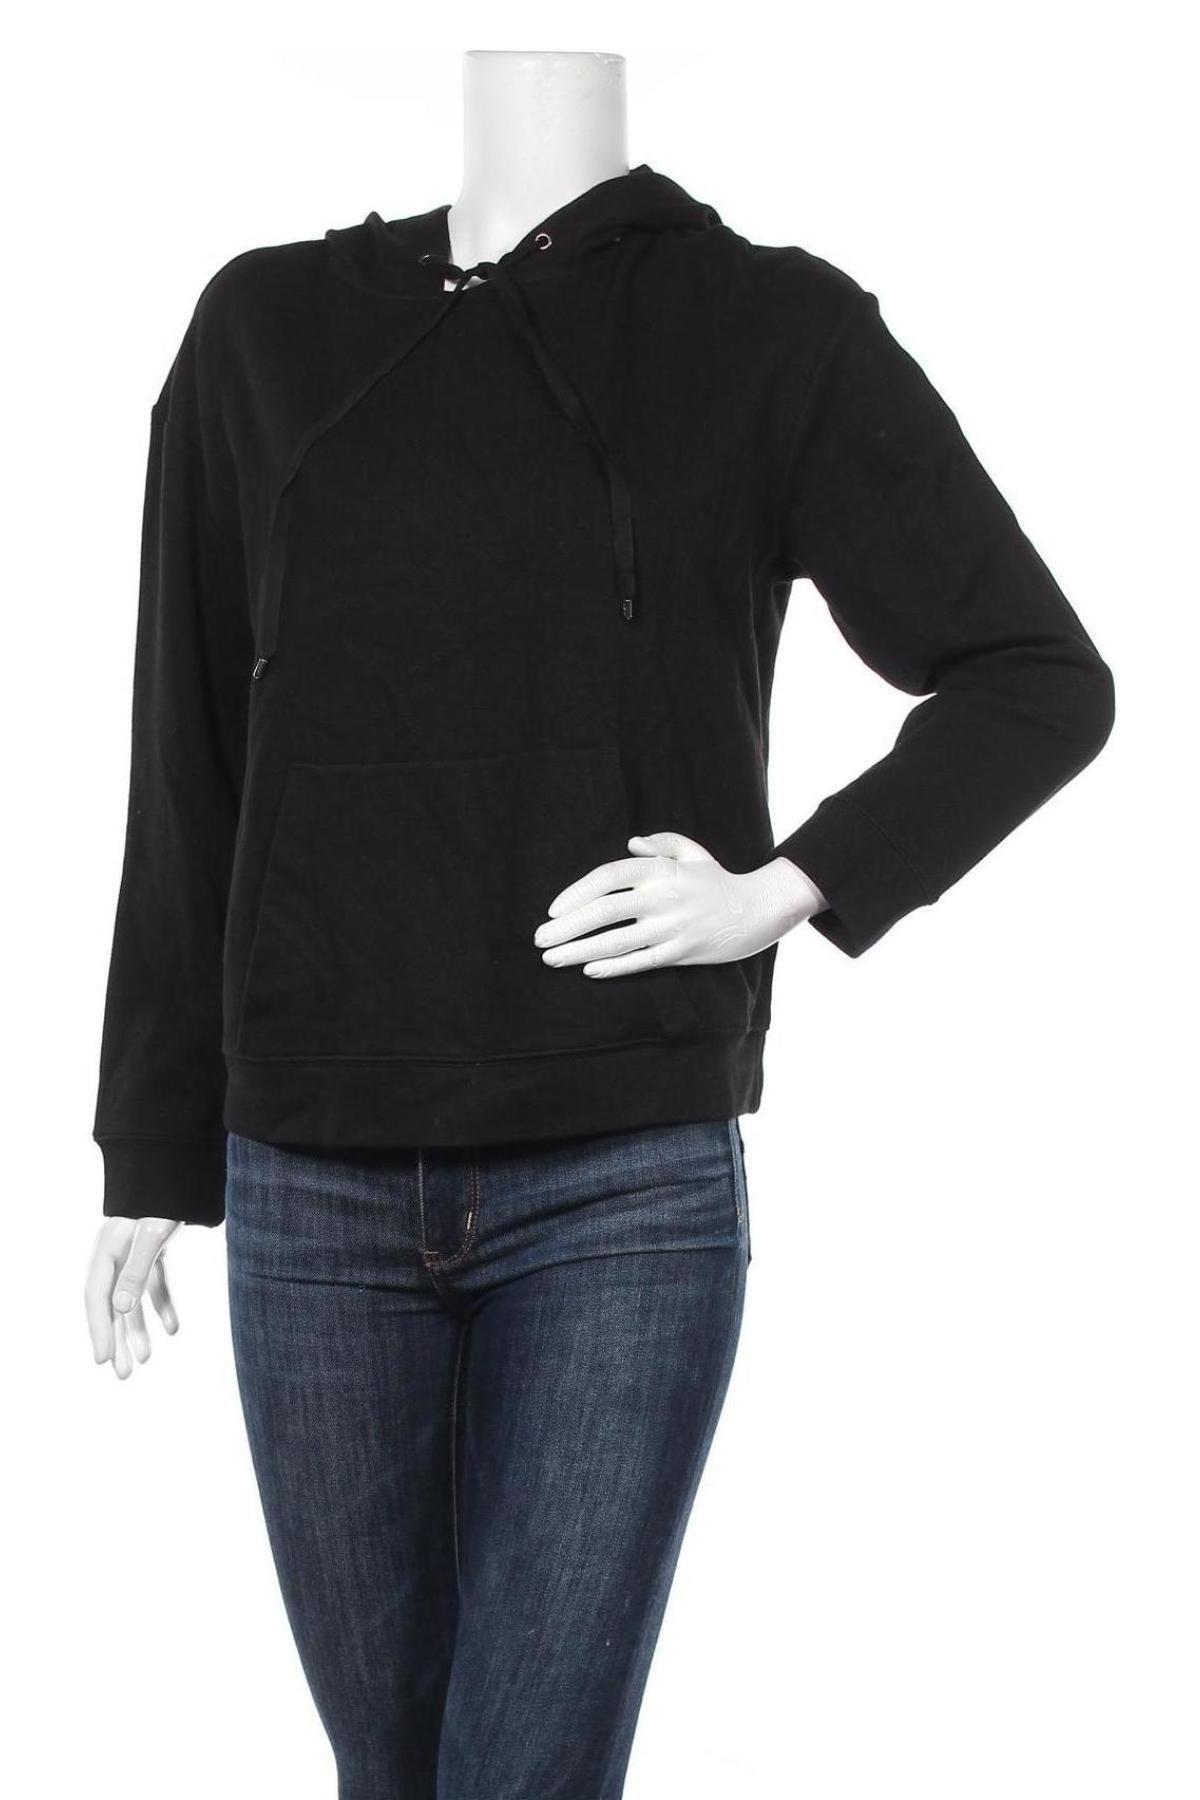 Γυναικείο φούτερ Massimo Dutti, Μέγεθος S, Χρώμα Μαύρο, 66% βαμβάκι, 25% βισκόζη, 4% πολυαμίδη, 3% λινό, 2% ελαστάνη, Τιμή 11,40€